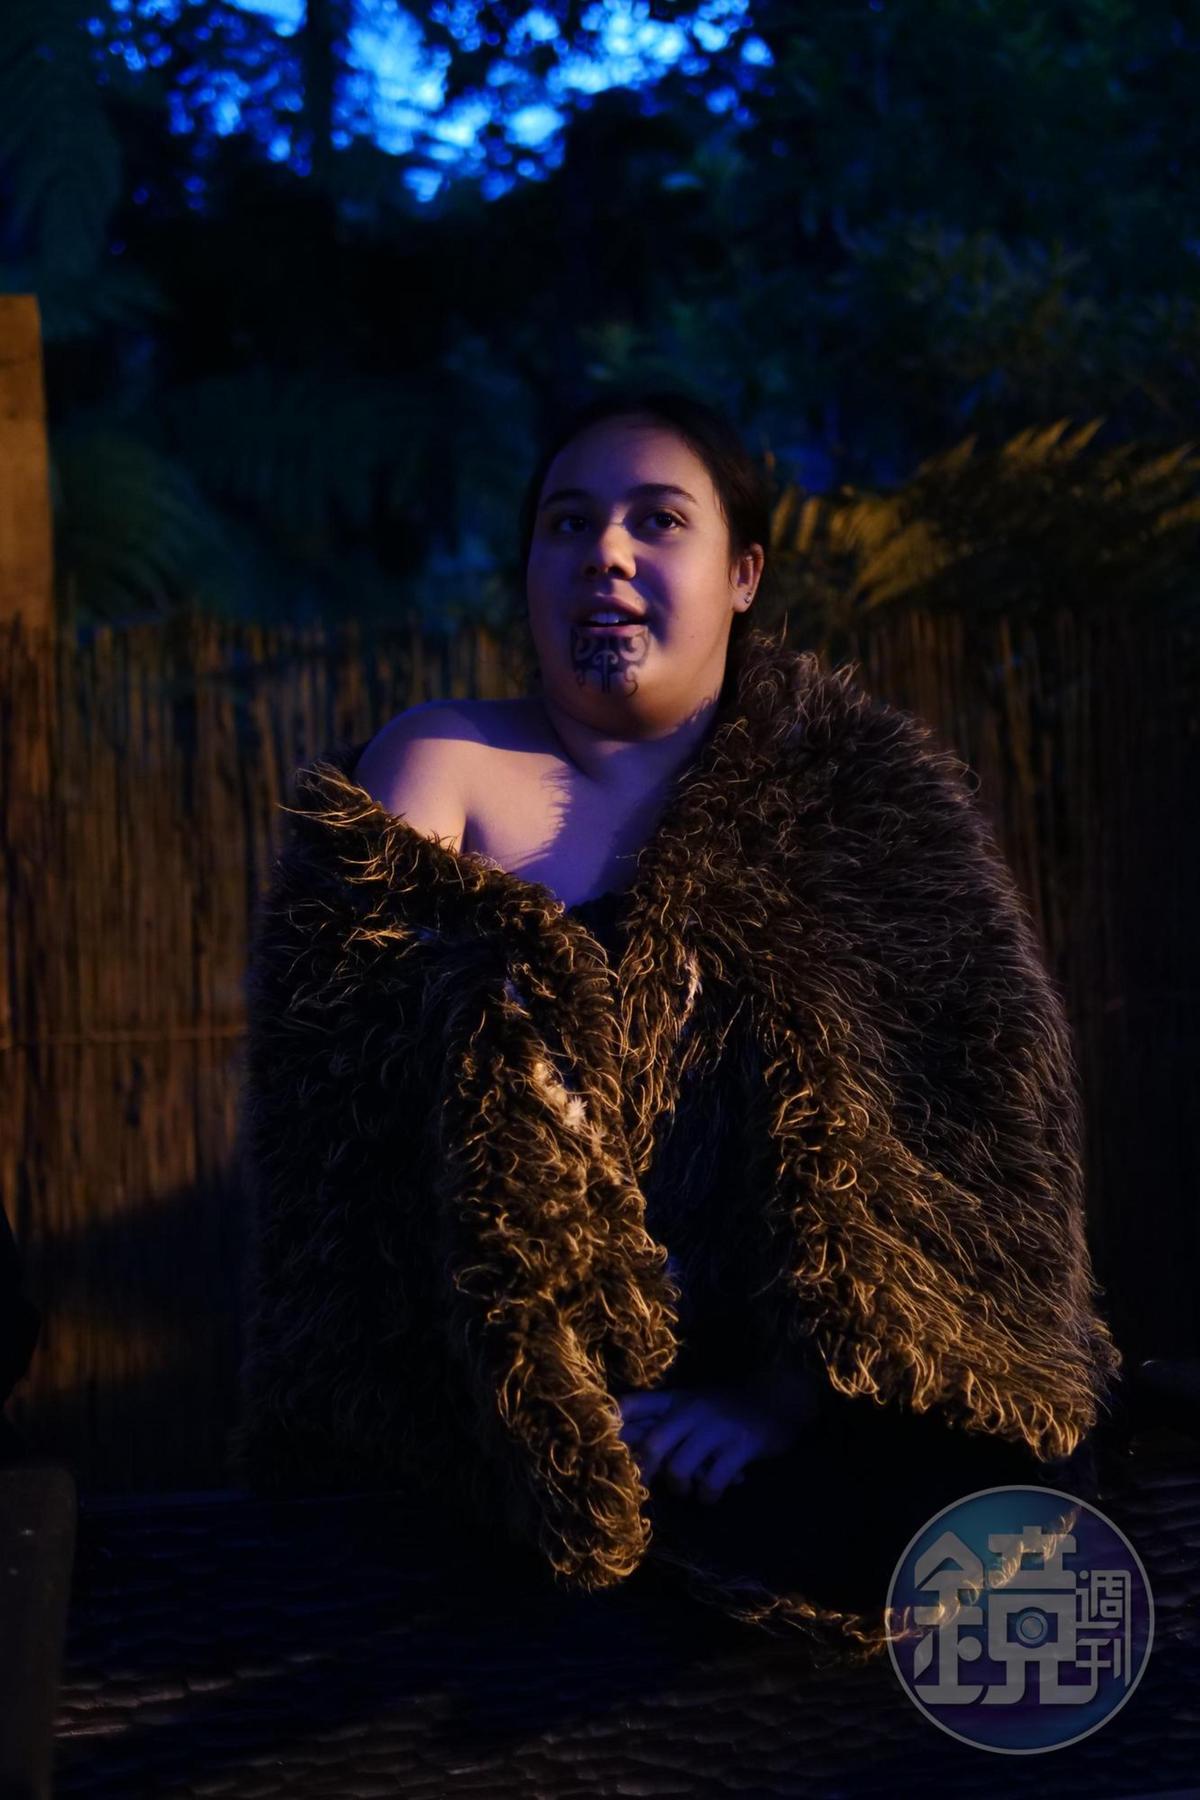 村長女兒一身厚重的羽衣,是用上百隻奇異鳥的羽毛織成,象徵尊貴身分。